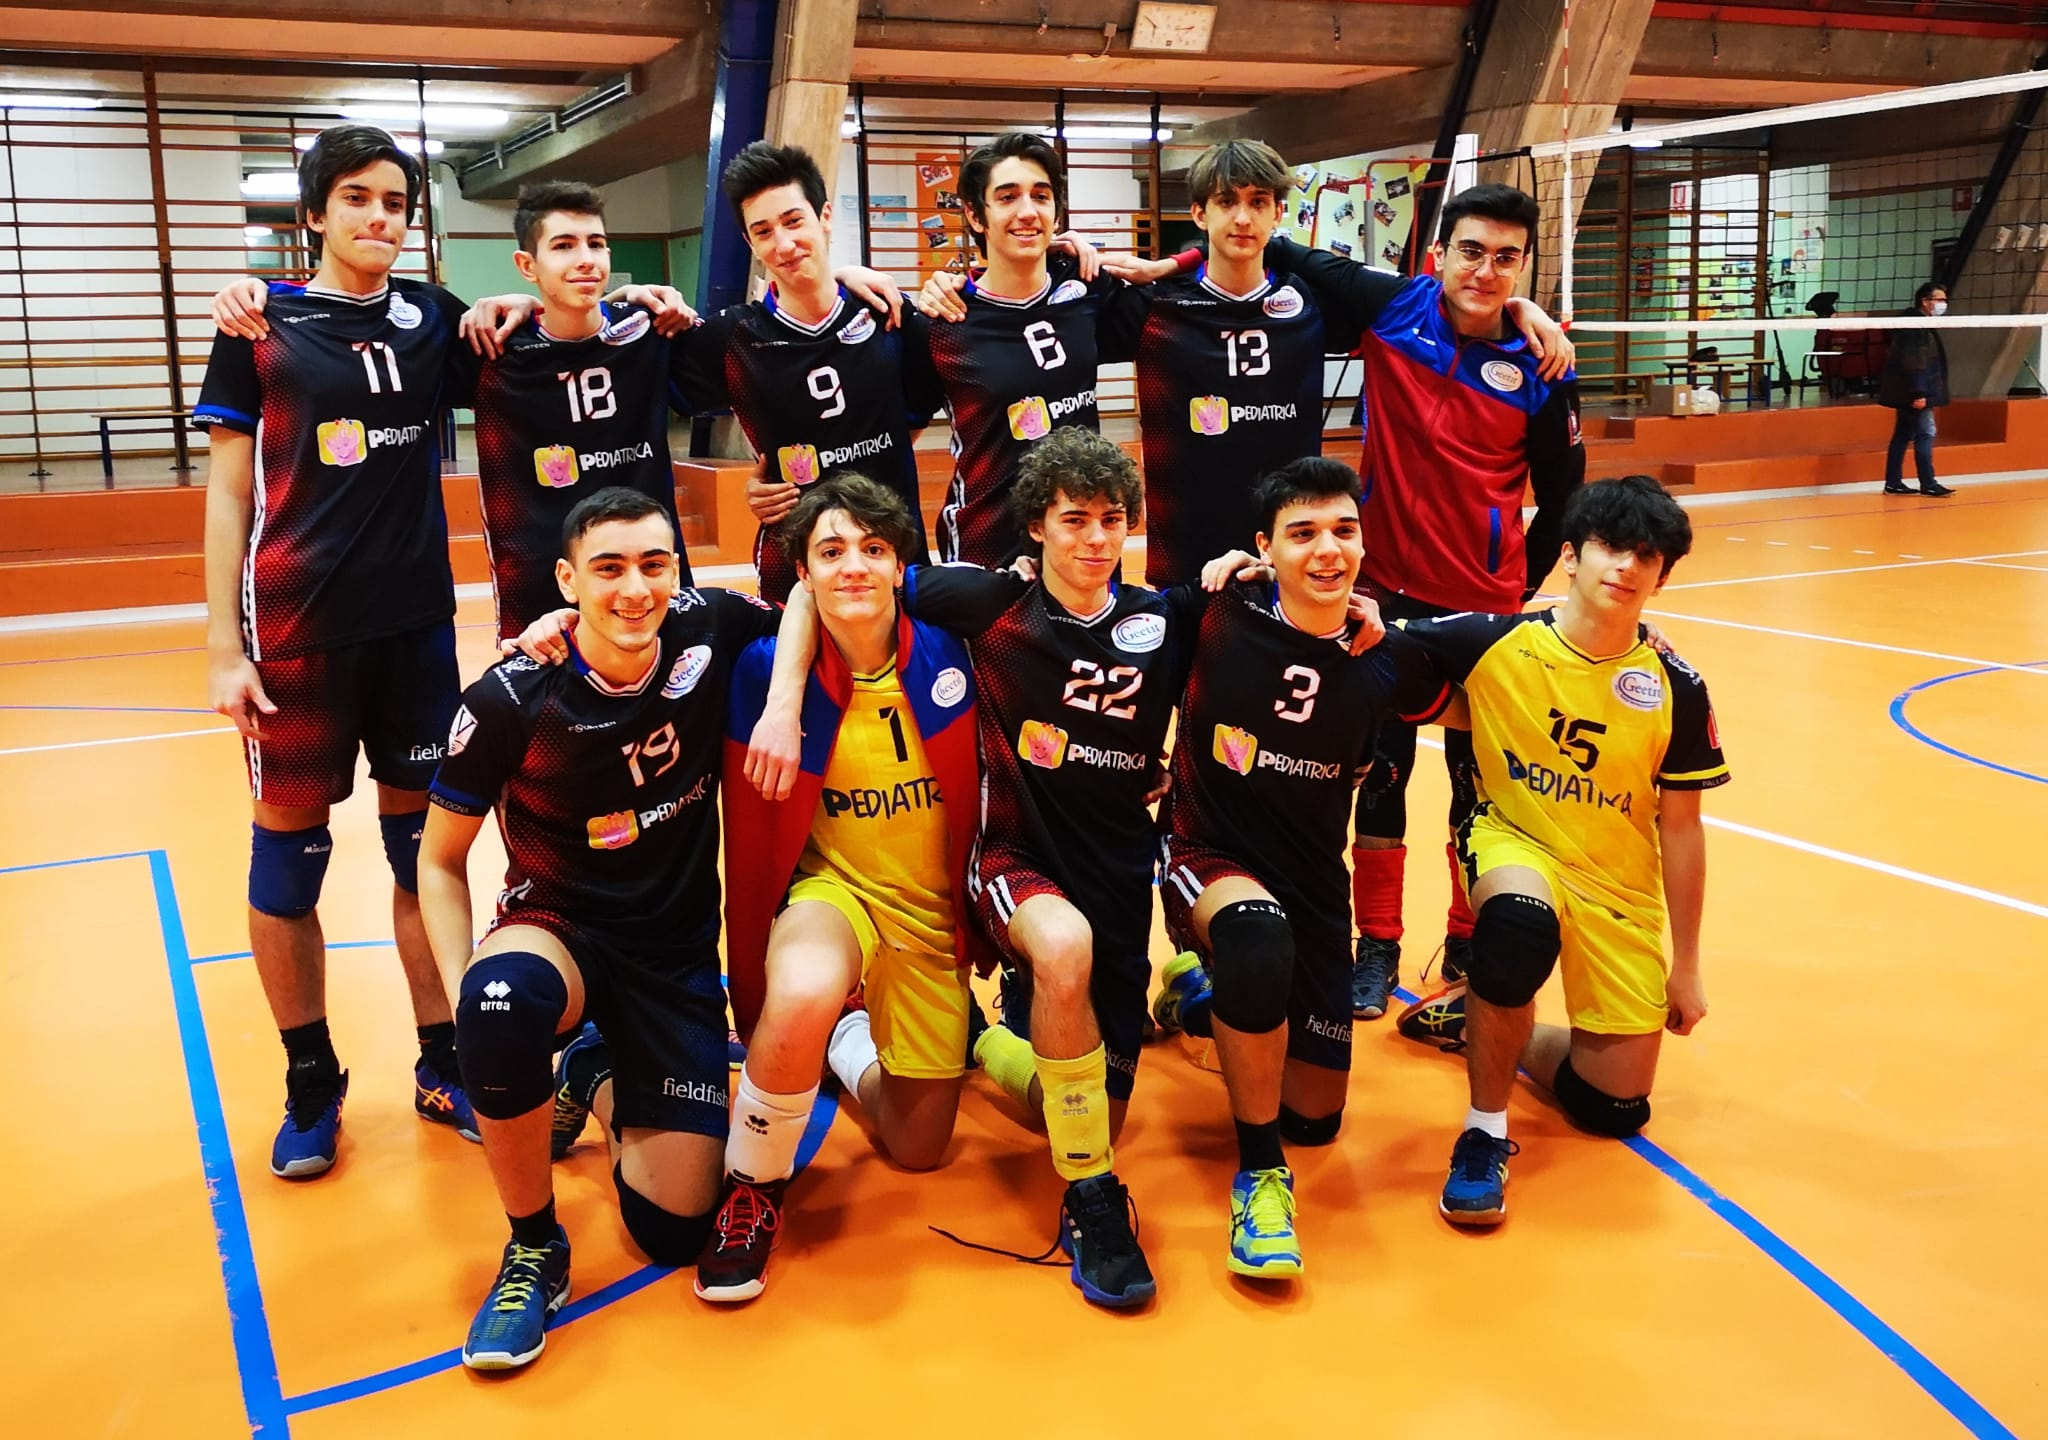 Comunicato stampa – pre-partita  Geetit Pallavolo Bologna vs Querzoli Volley Forlì – Nelle giovanili vittoria U17M